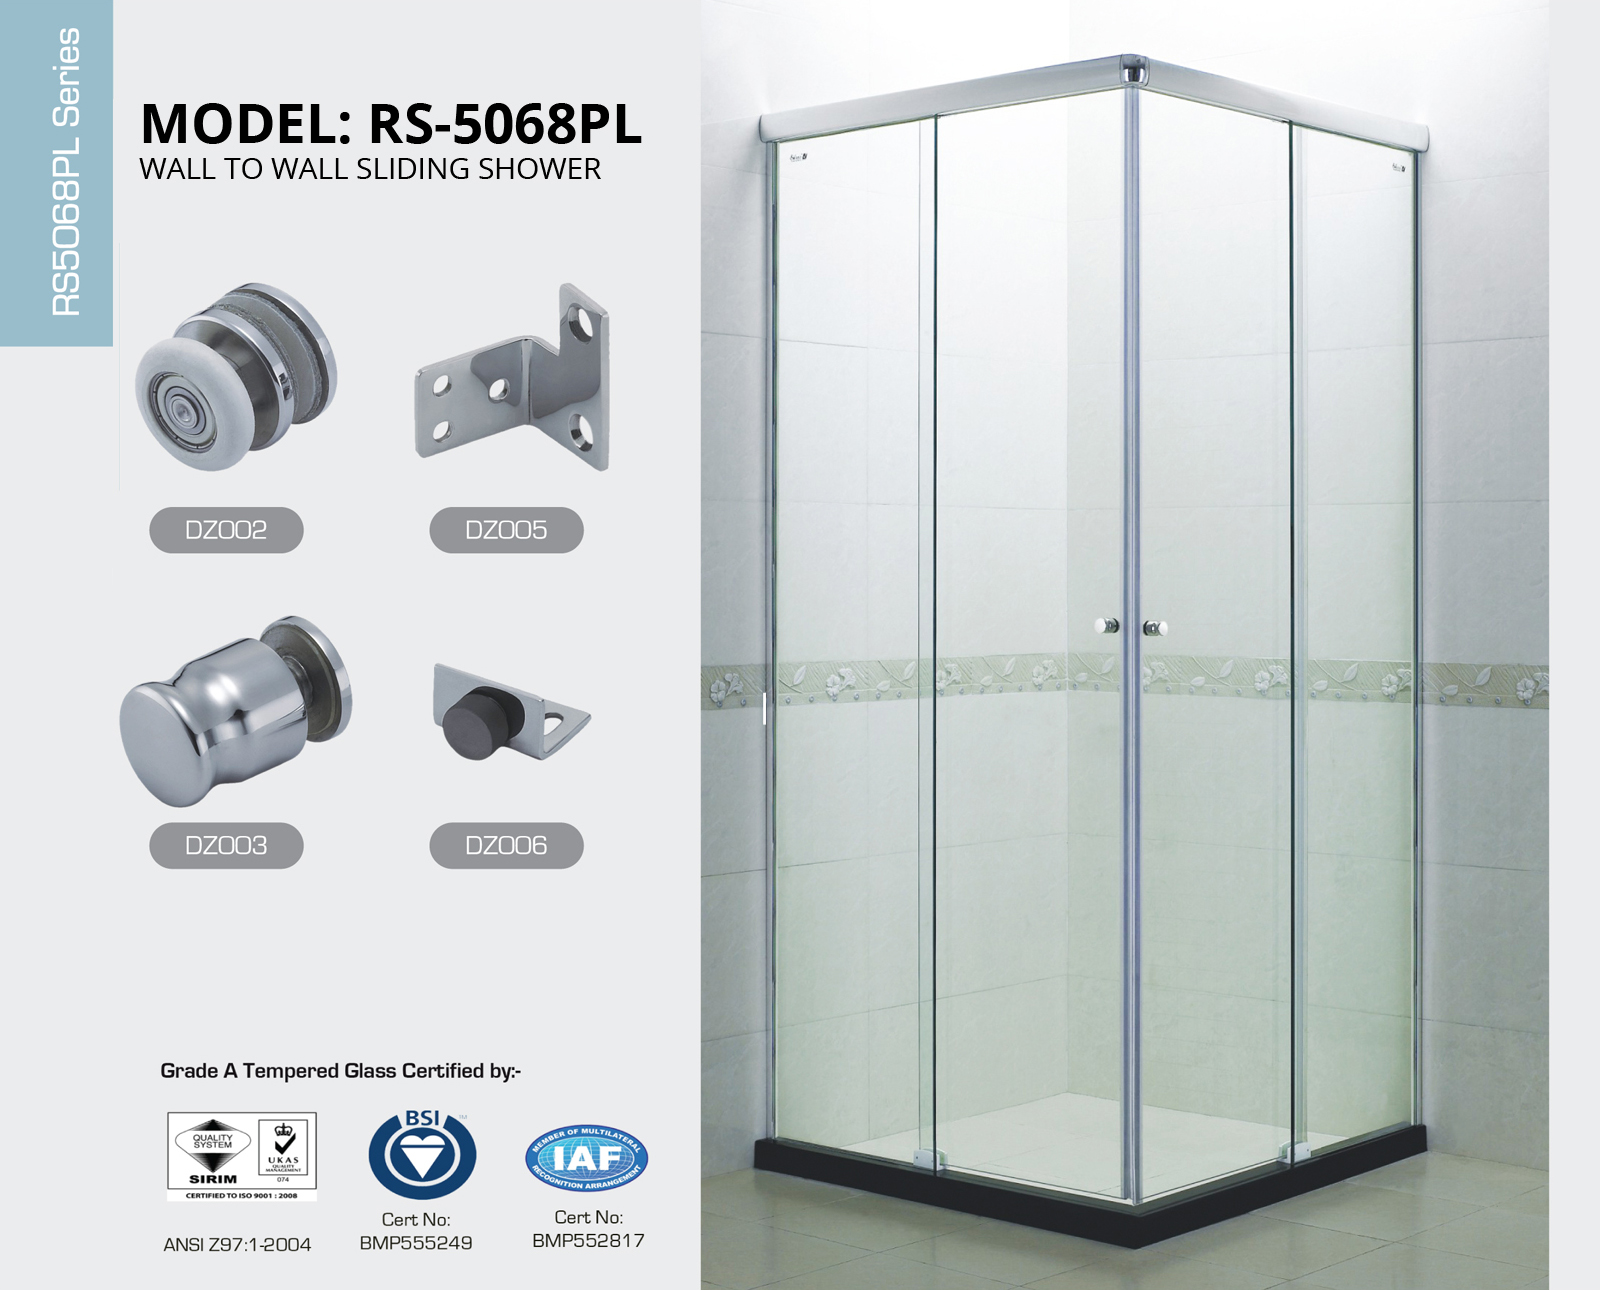 DESCRIPTION RS5068PL-1